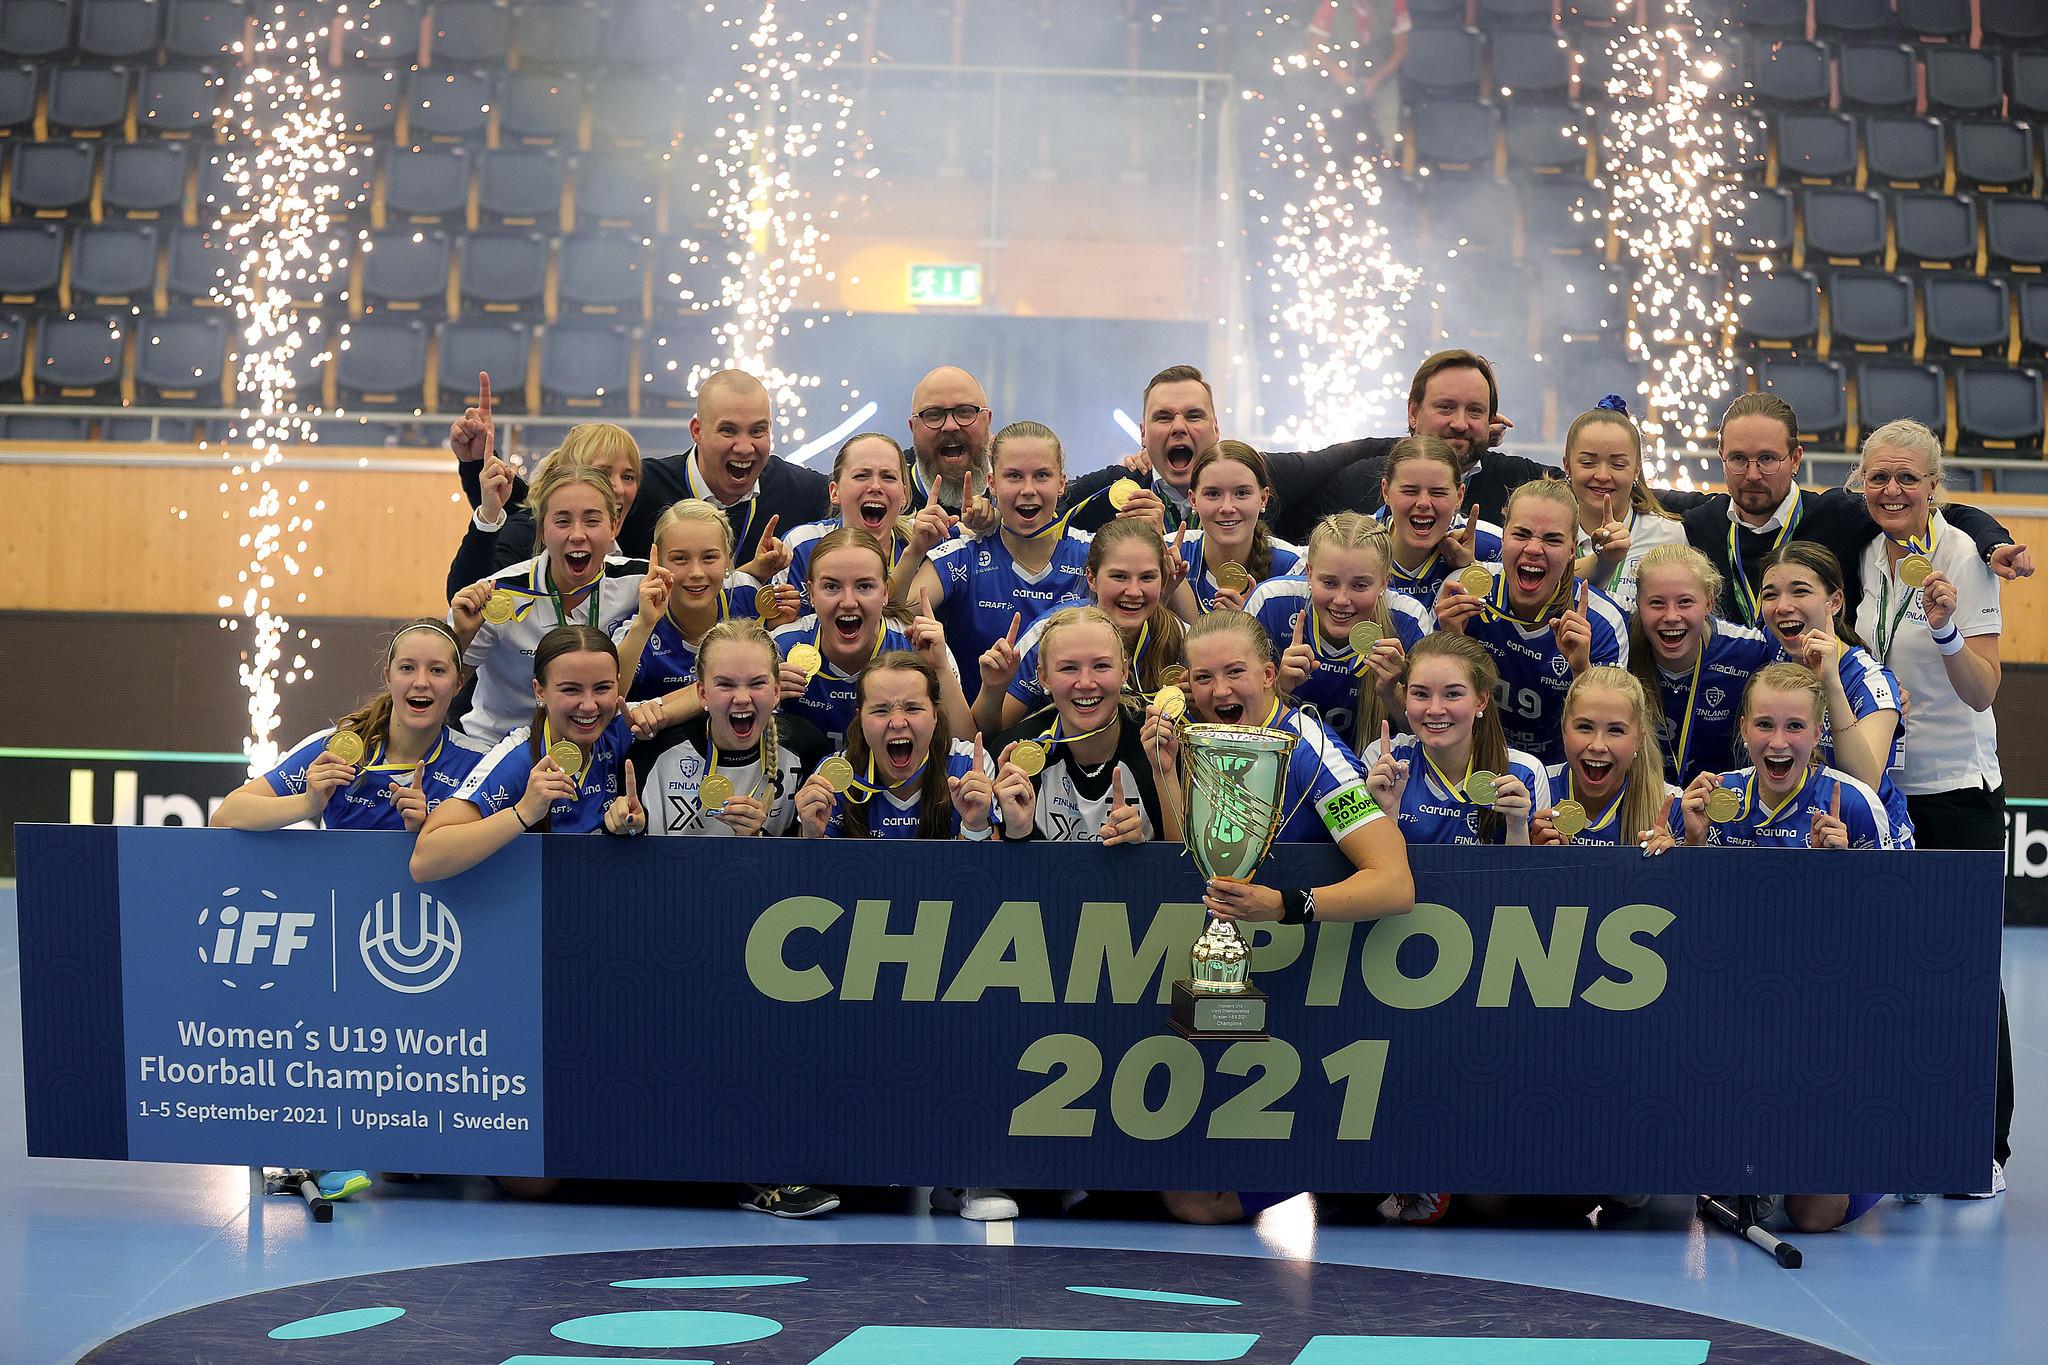 Hämäläinen hattrick gives Finland remarkable win in IFF Women's Under-19 World Floorball Championships